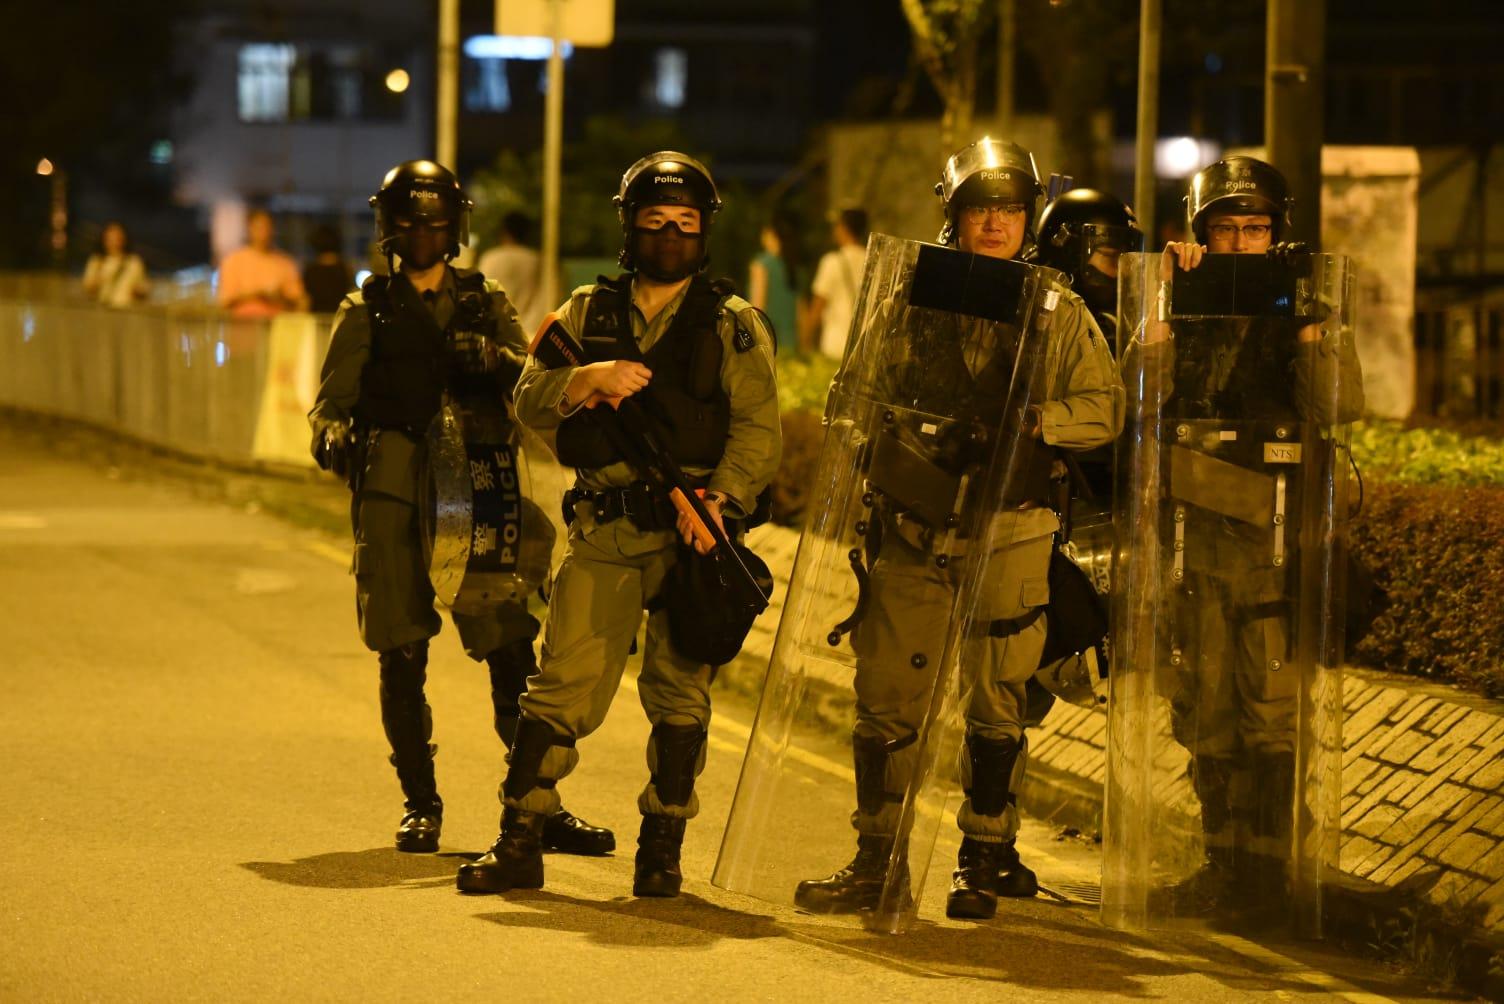 【修例風波】示威者堵元朗大馬路縱火投擲汽油彈 黑衣人塗鴉掉雜物